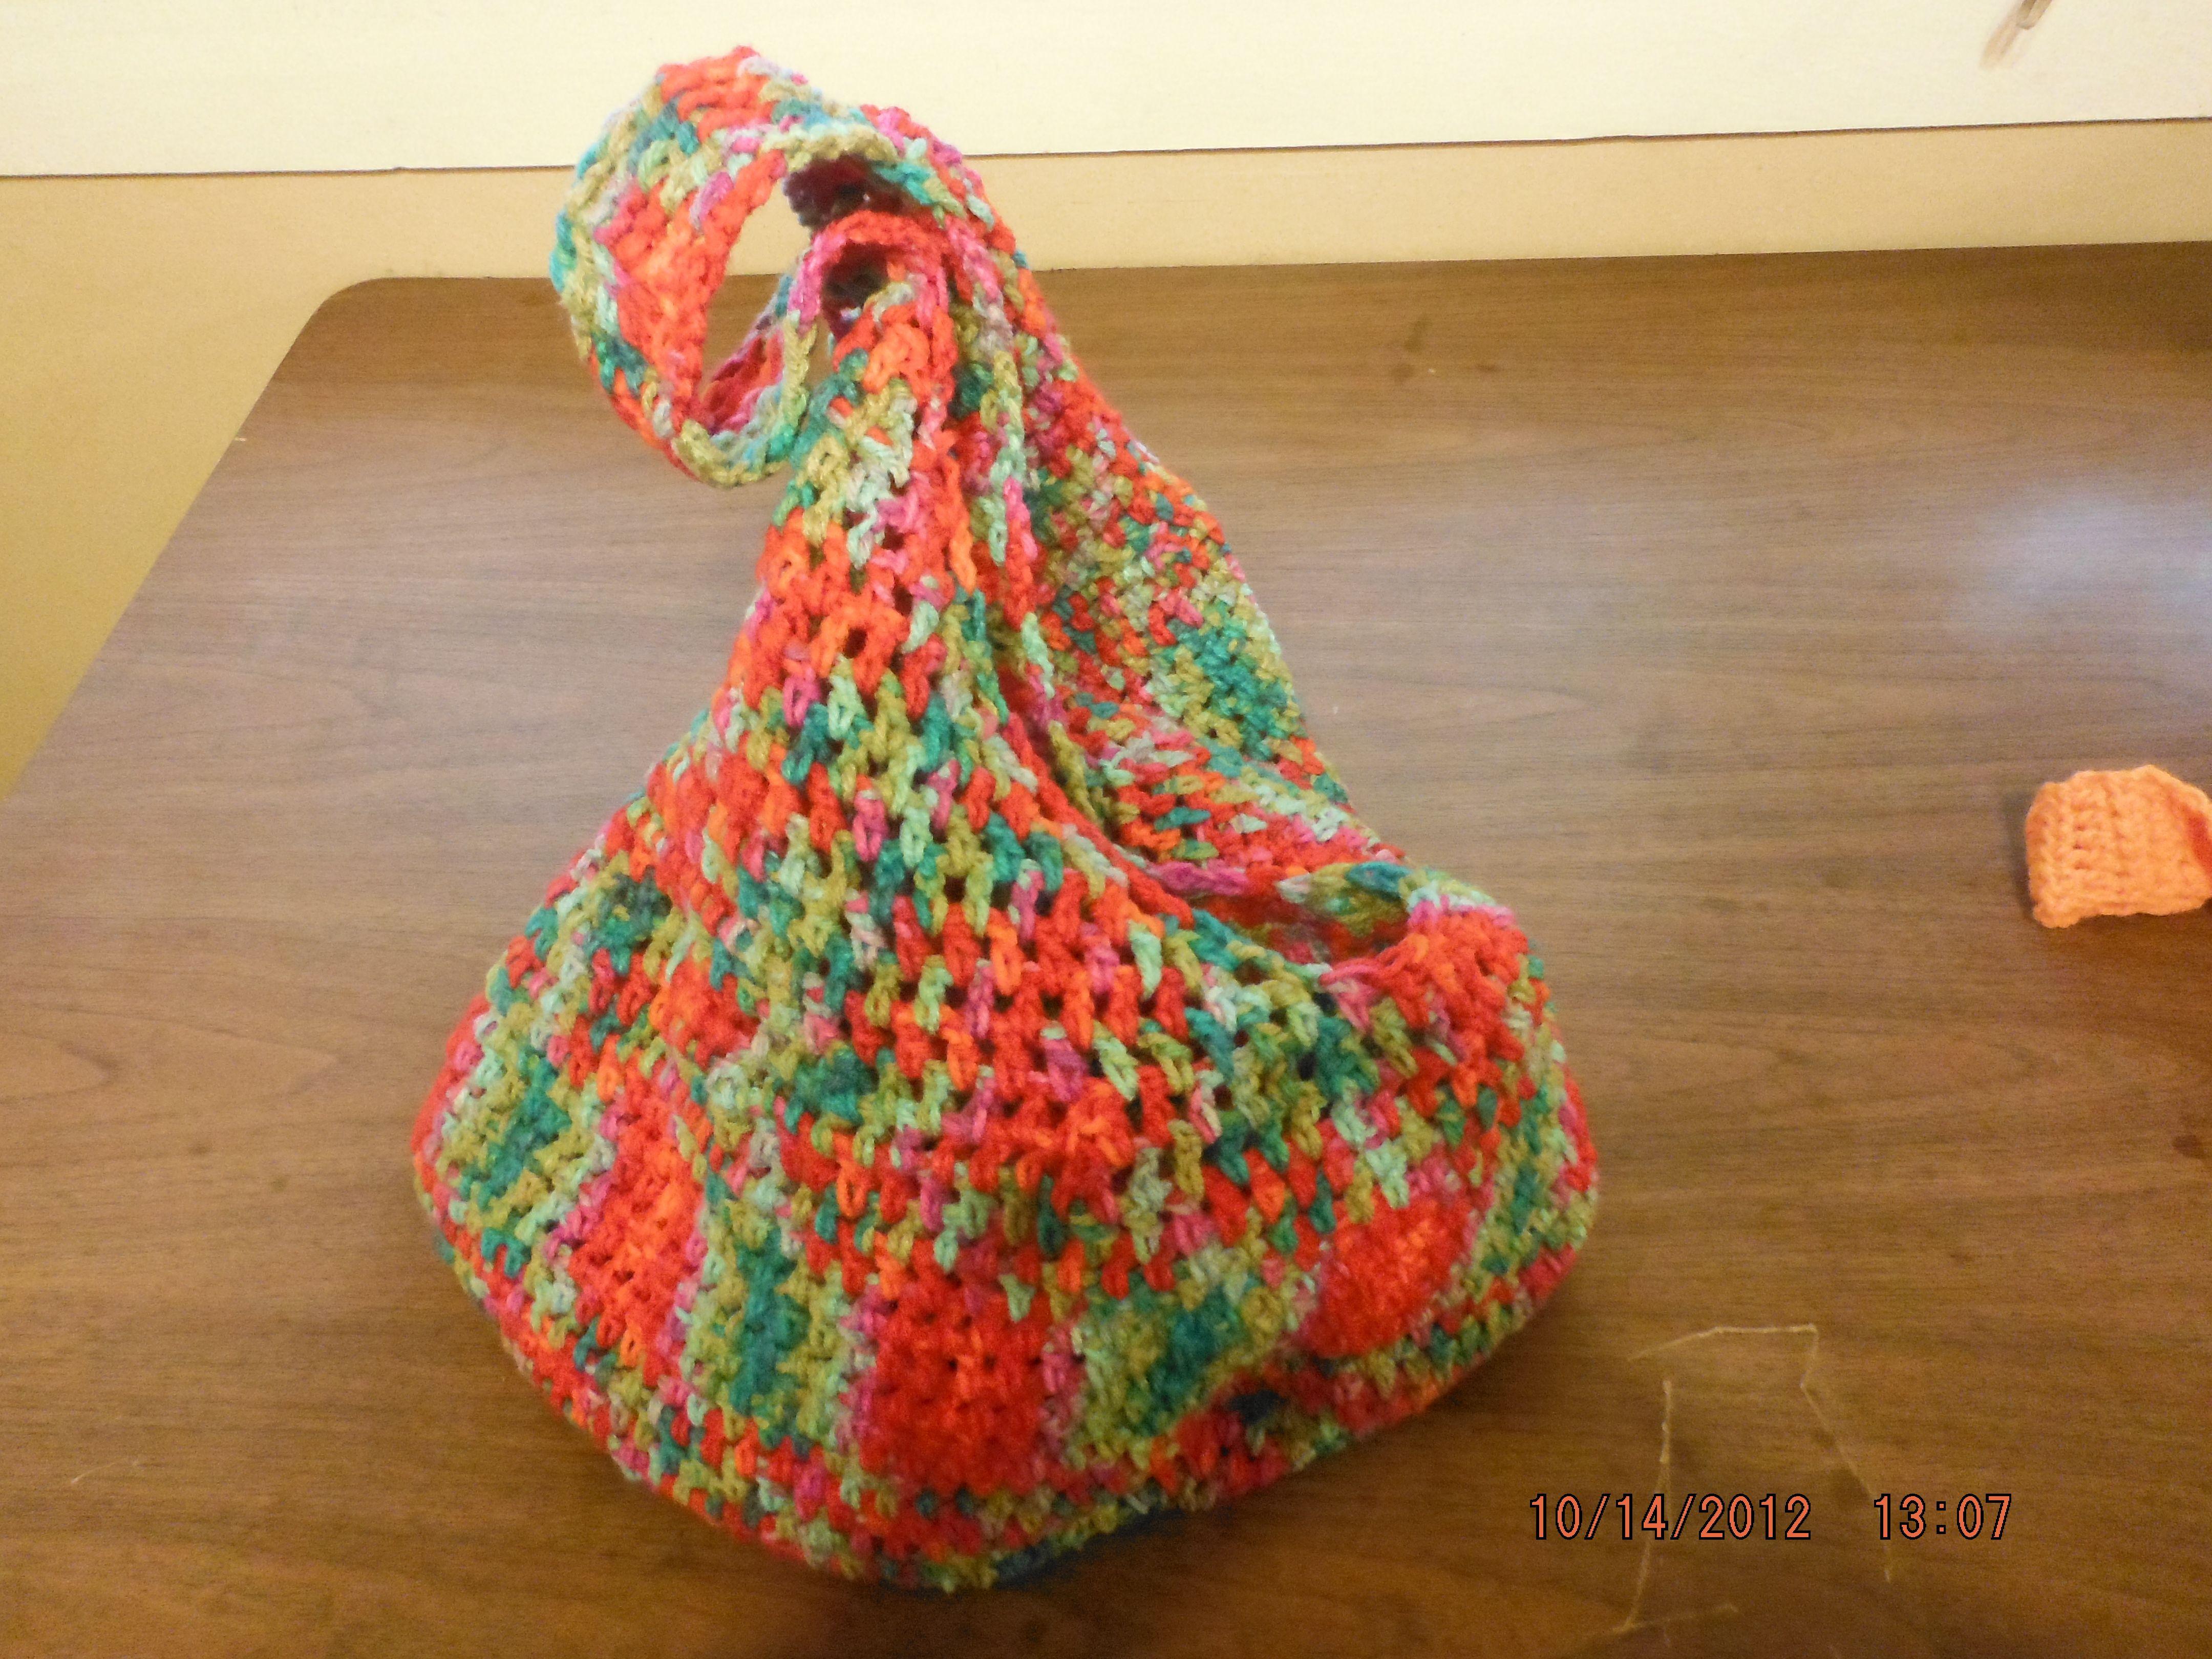 Crochet Vegetable Bag Pattern : Variegated yarn crochet produce bag Crochet Pinterest